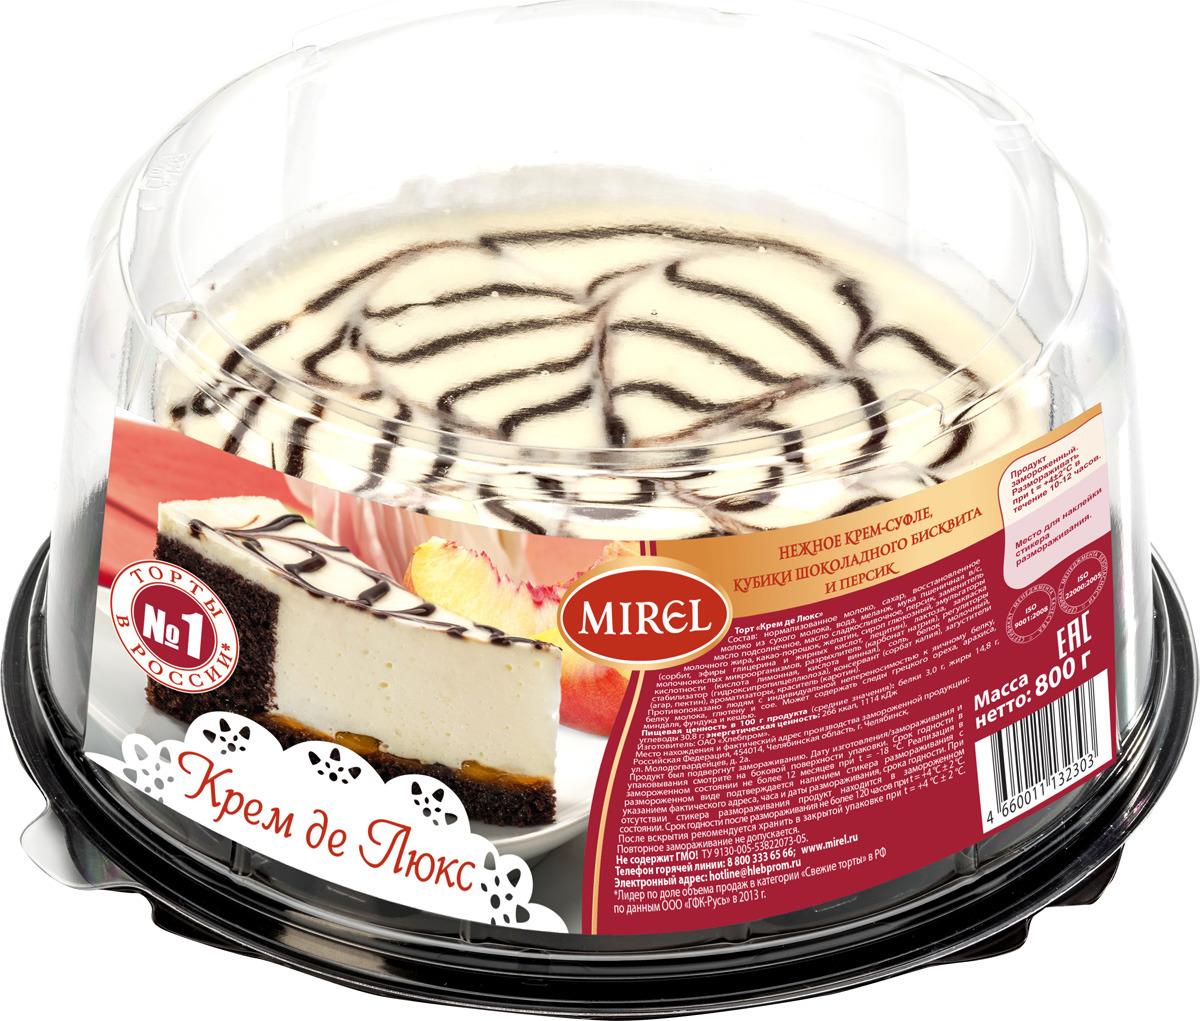 все цены на Торт творожный Mirel